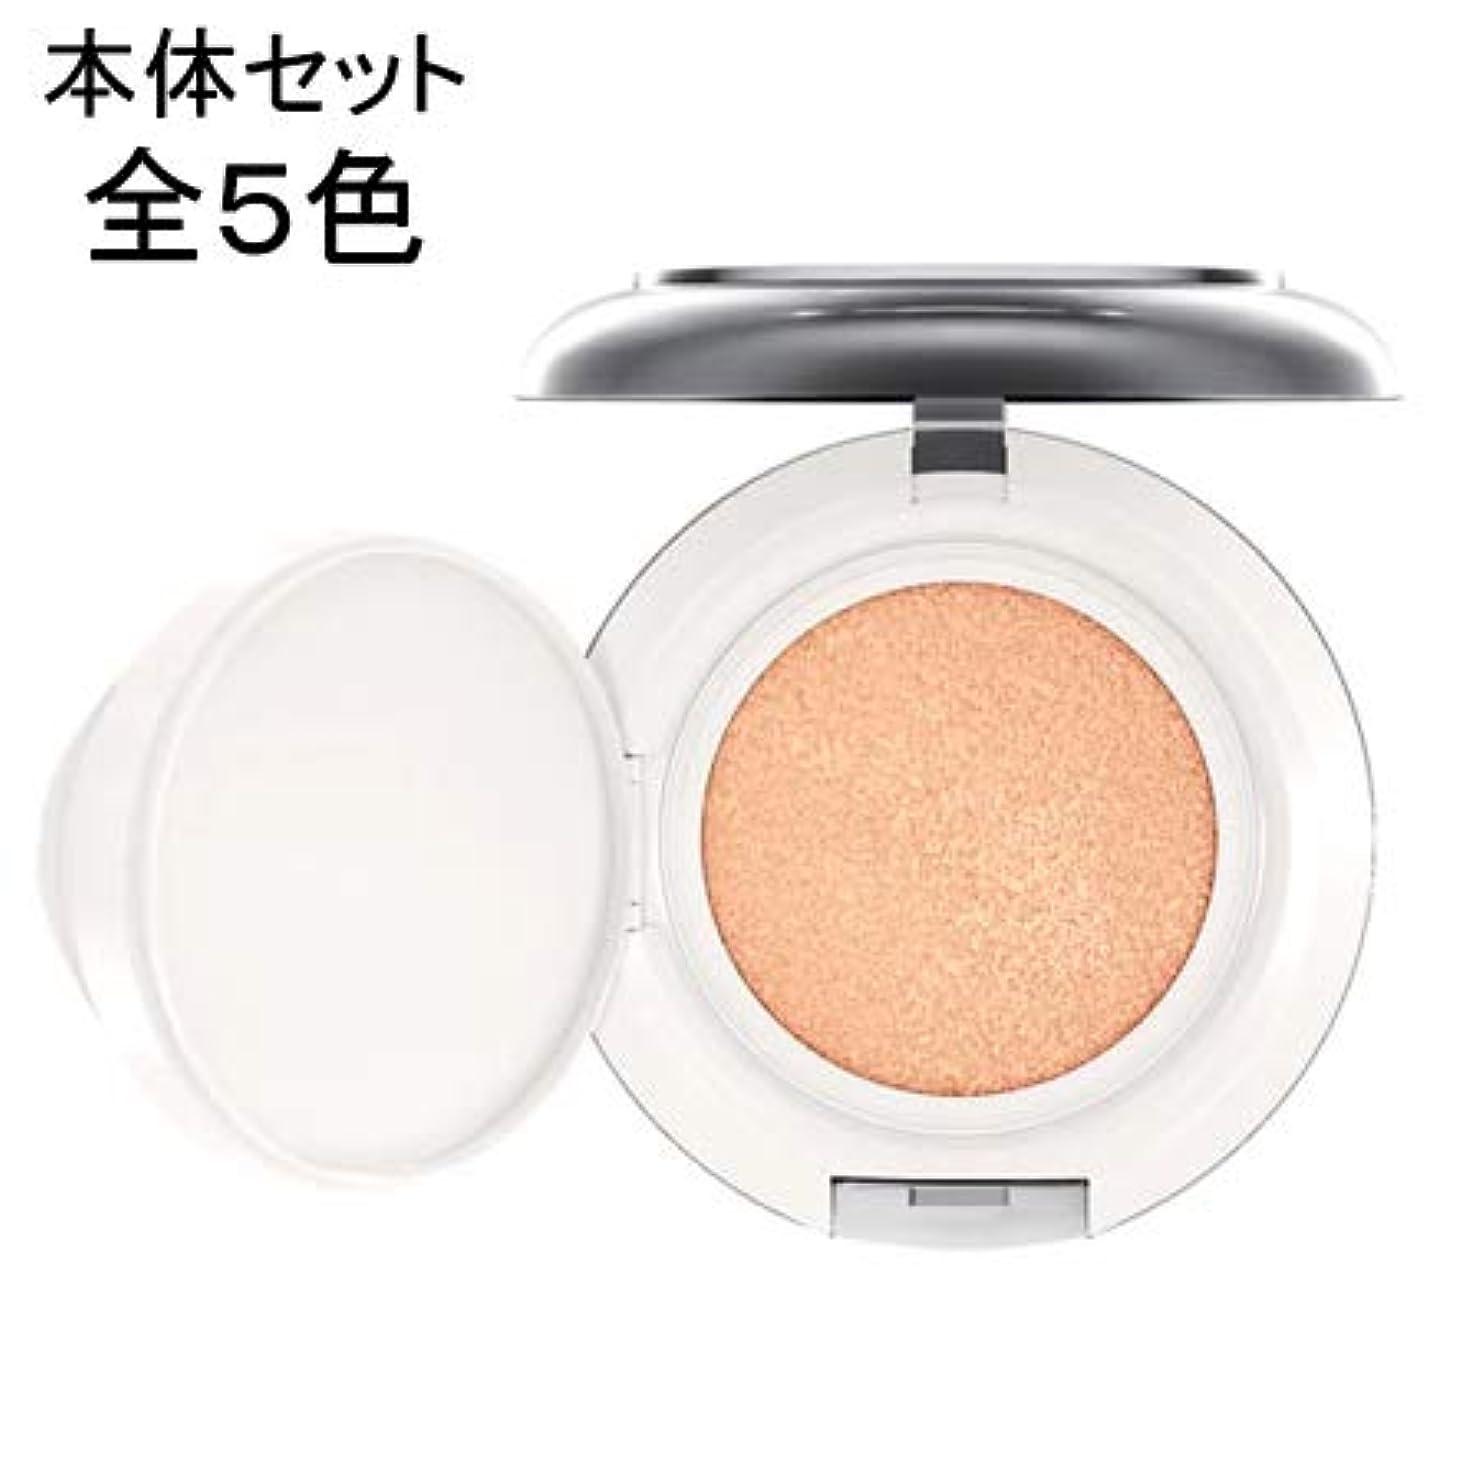 曲げる地味な感謝マック ライトフル C+ SPF 50 クイック フィニッシュ クッション コンパクト (本体セット) 全5色 -M?A?C MAC- ライトプラス(標準色)